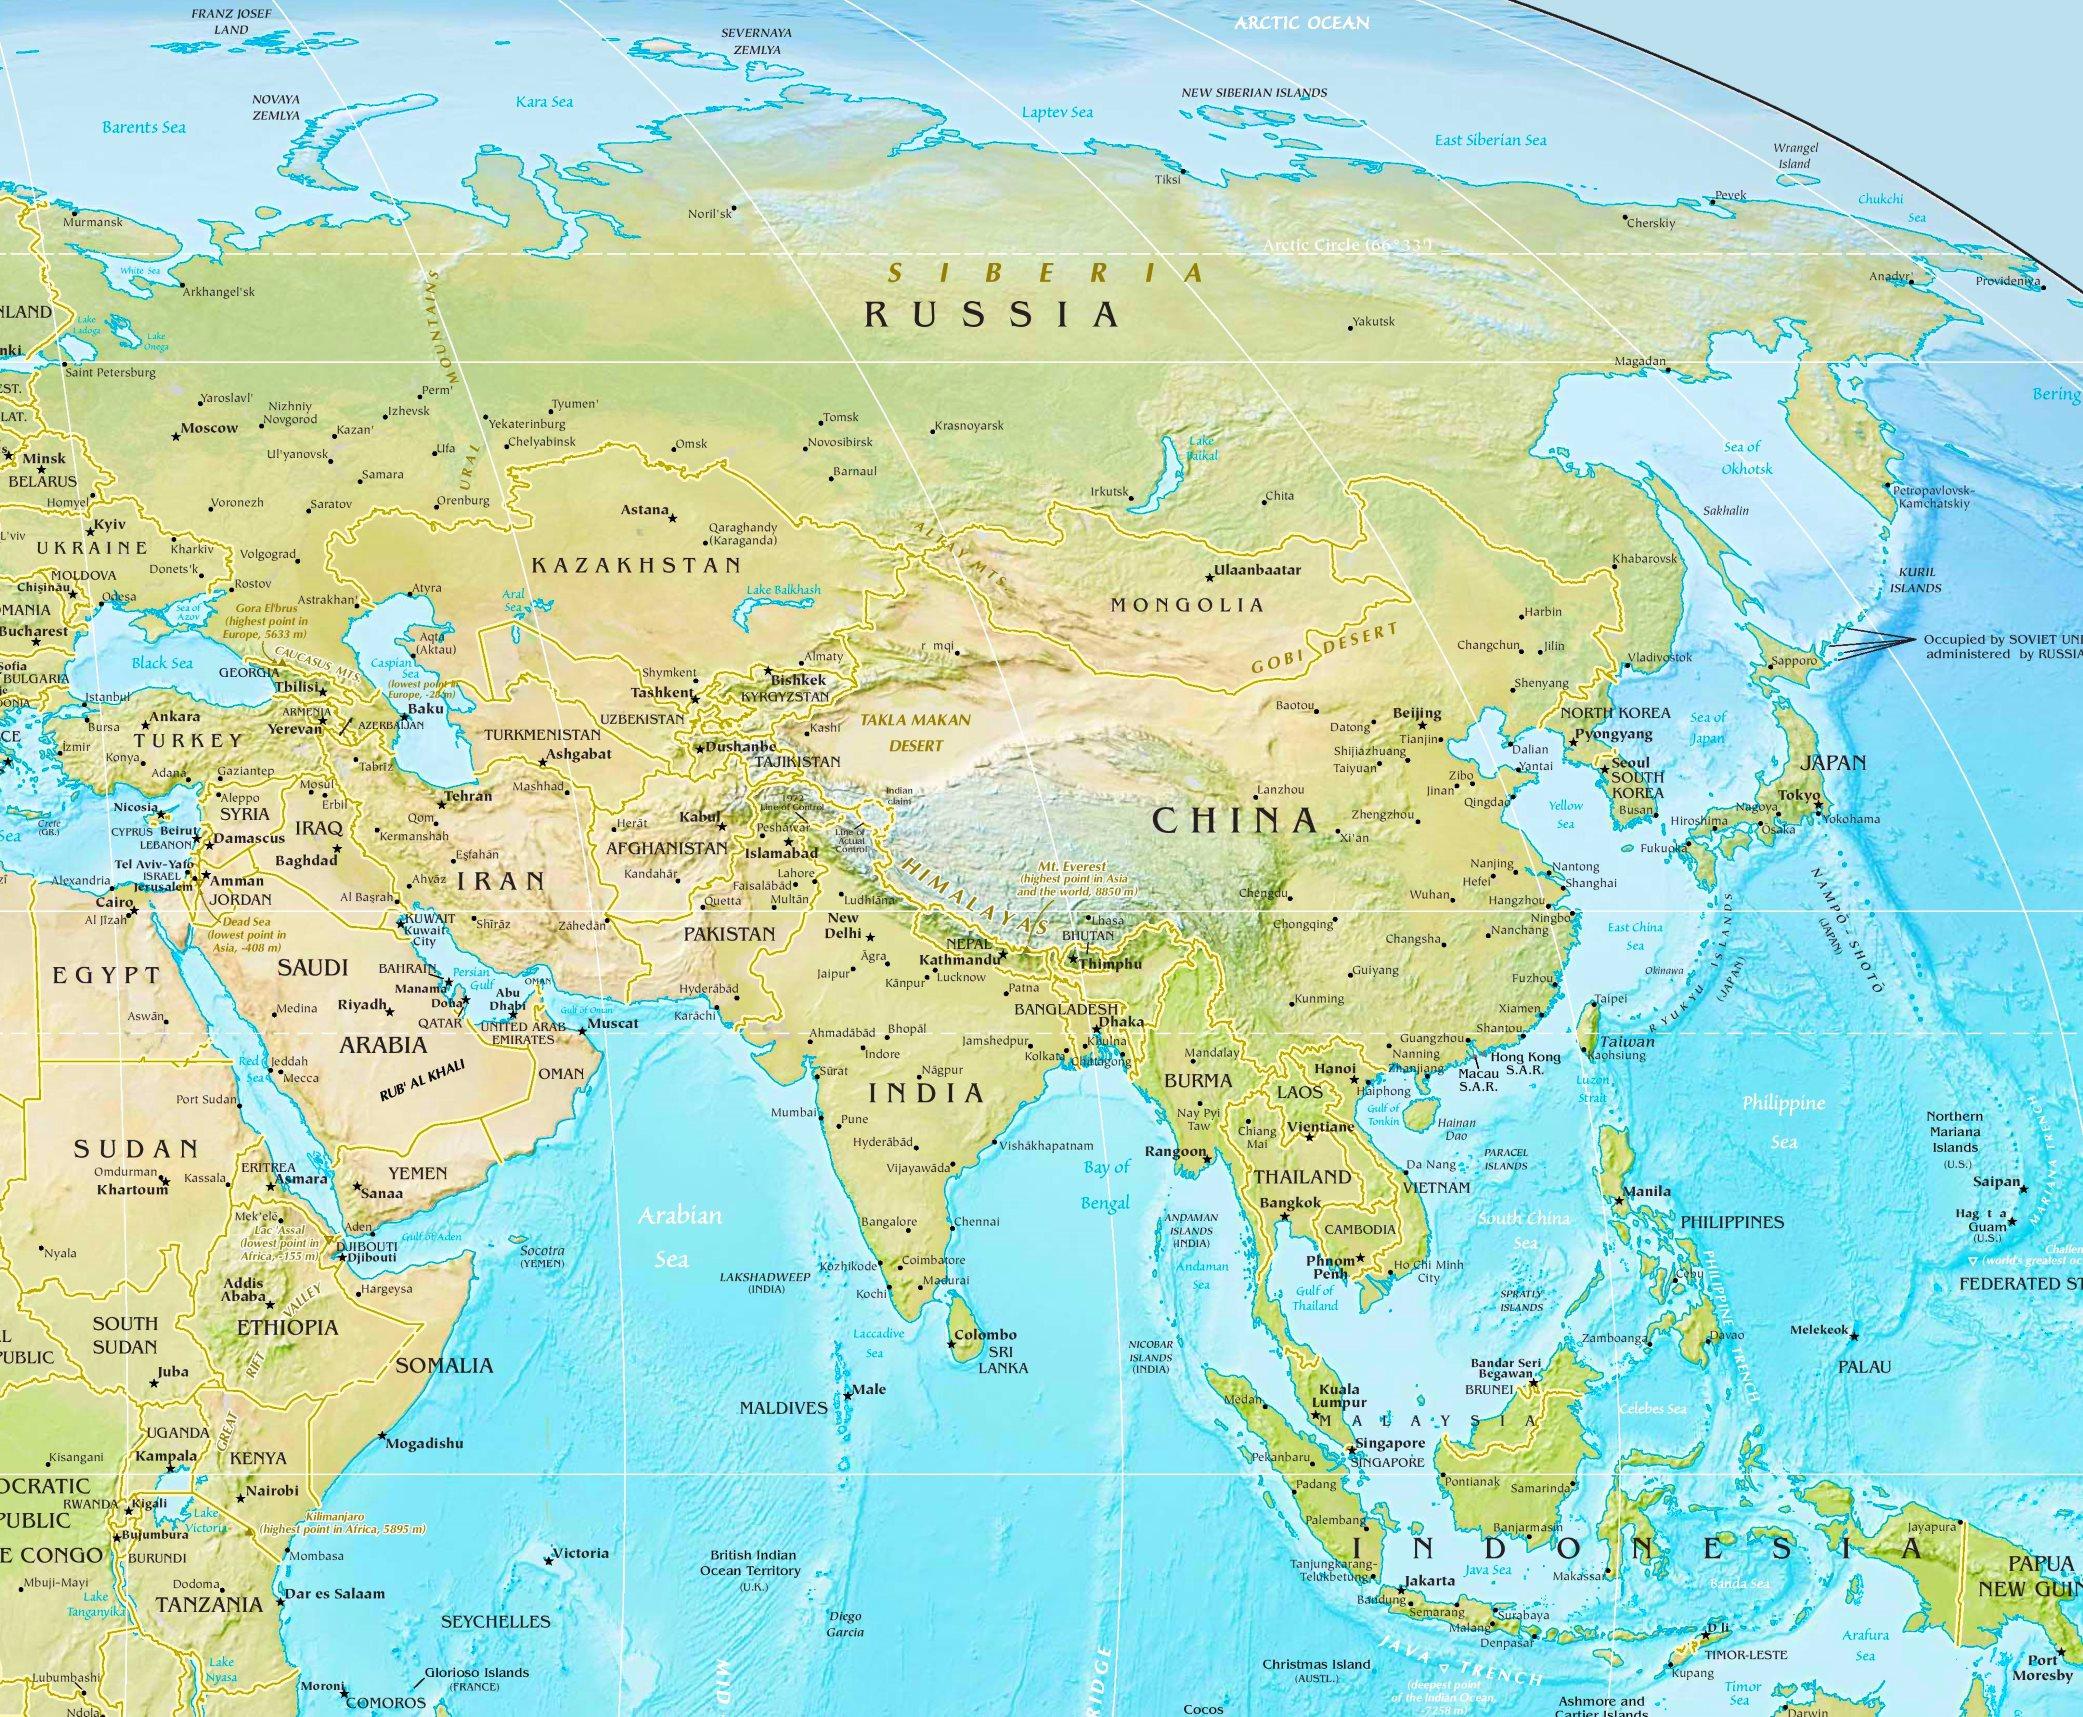 Landkarte Asien.Physische Landkarte Von Asien